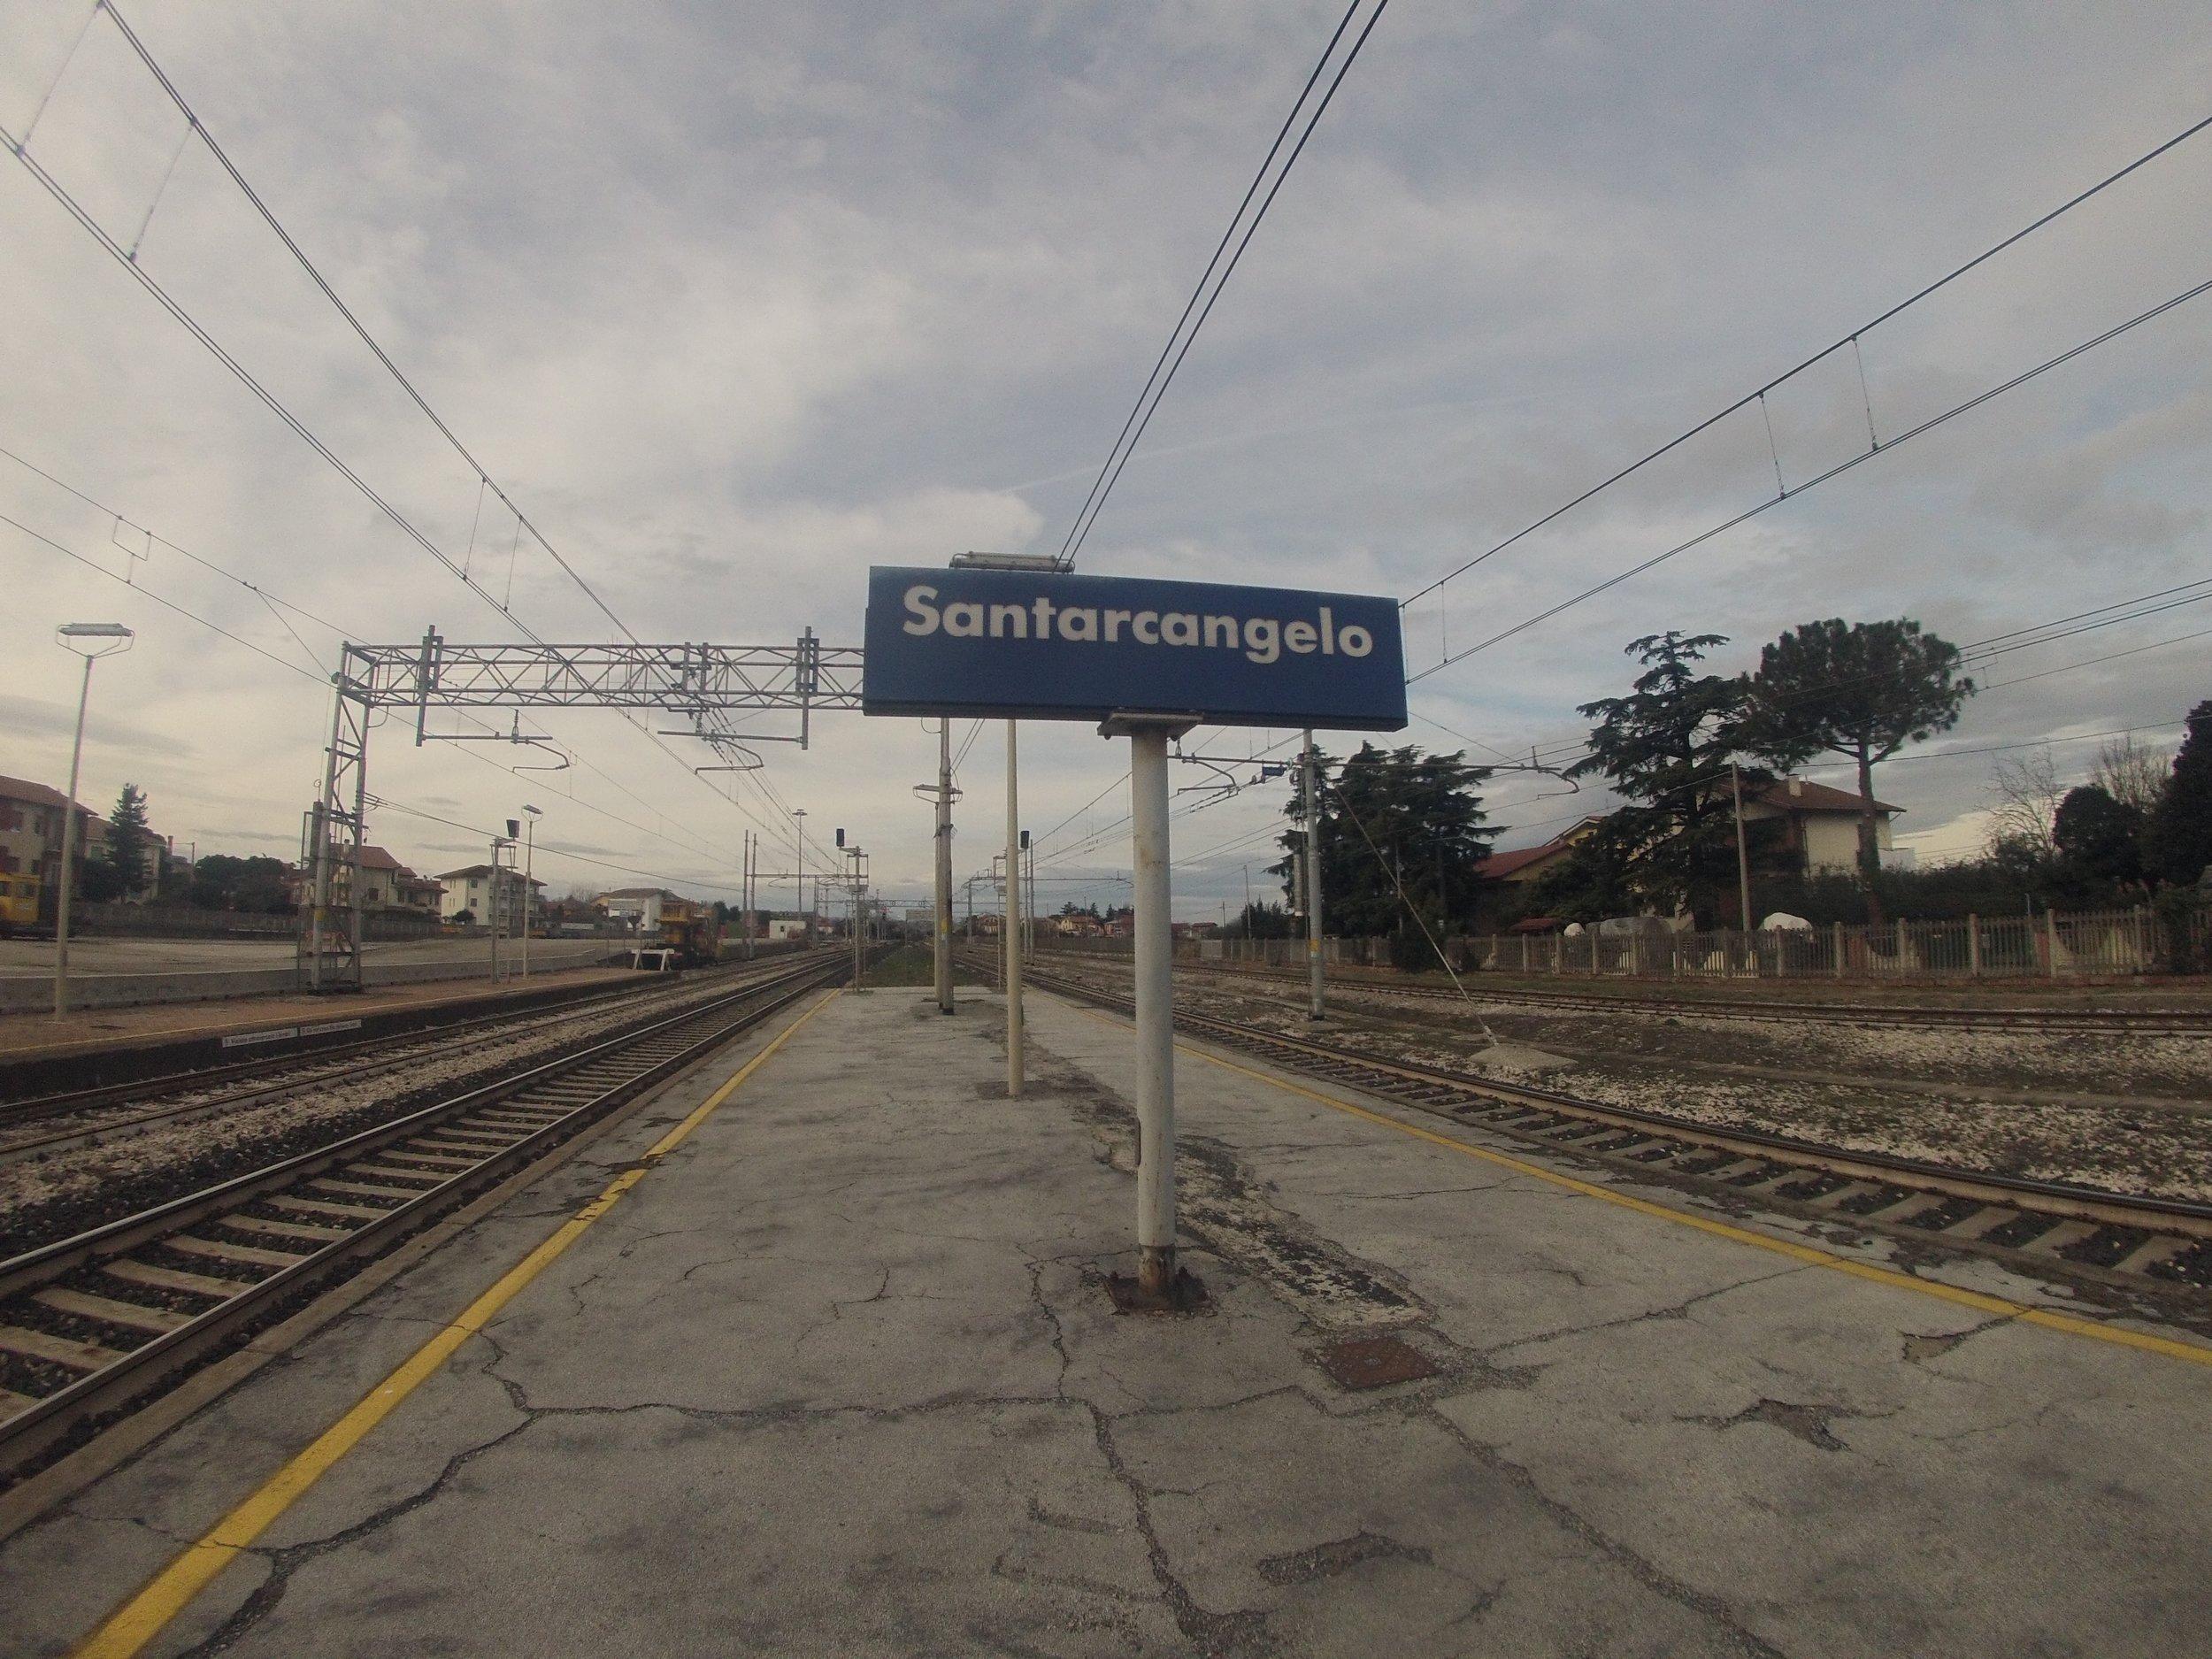 La partenza - 30 Gennaio 2015, Giorno #1Partenza dalla Stazione di Santarcangelo di Romagna alle ore 10.49